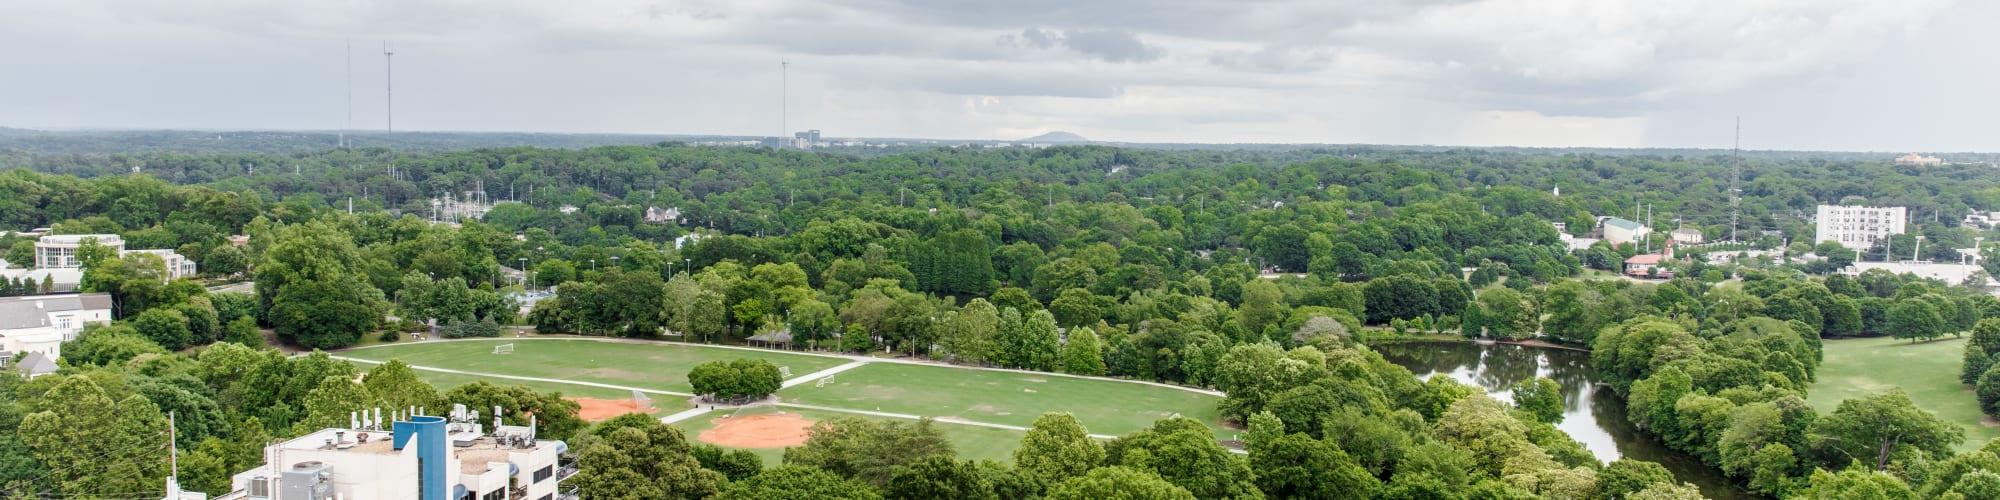 Virtual Tour at YOO on the Park in Atlanta, Georgia